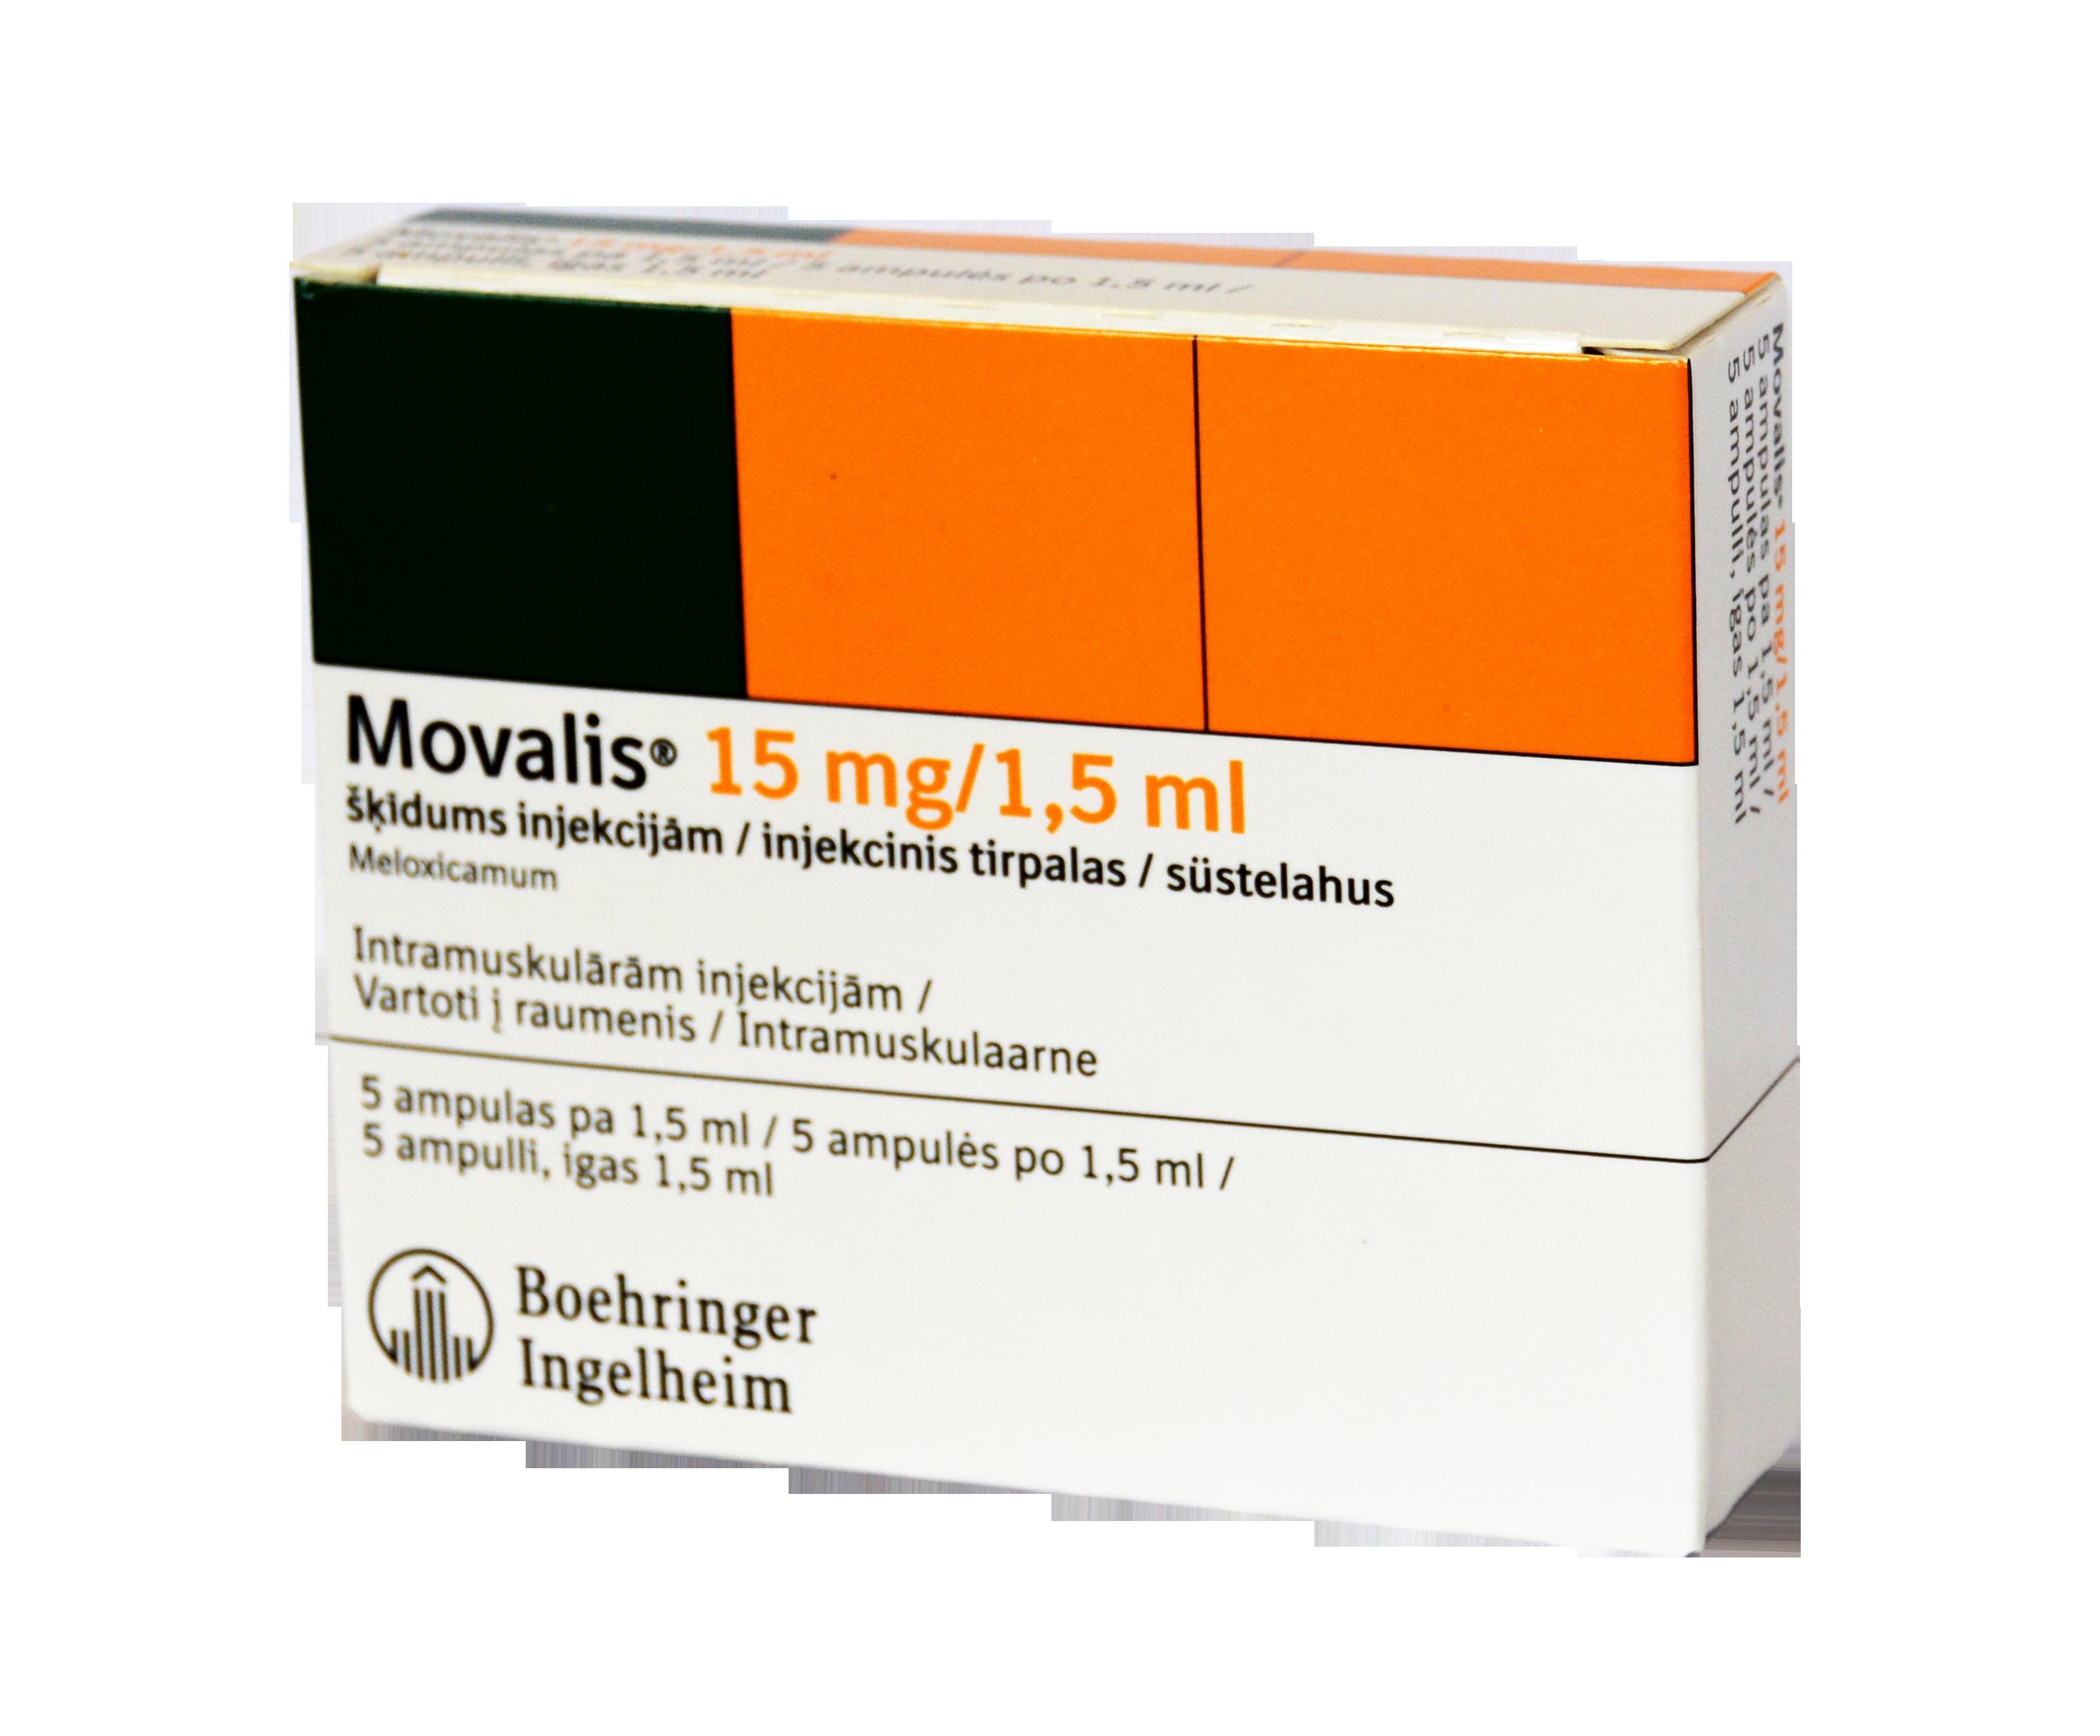 Movalis (15mg/1,5ml) (1)